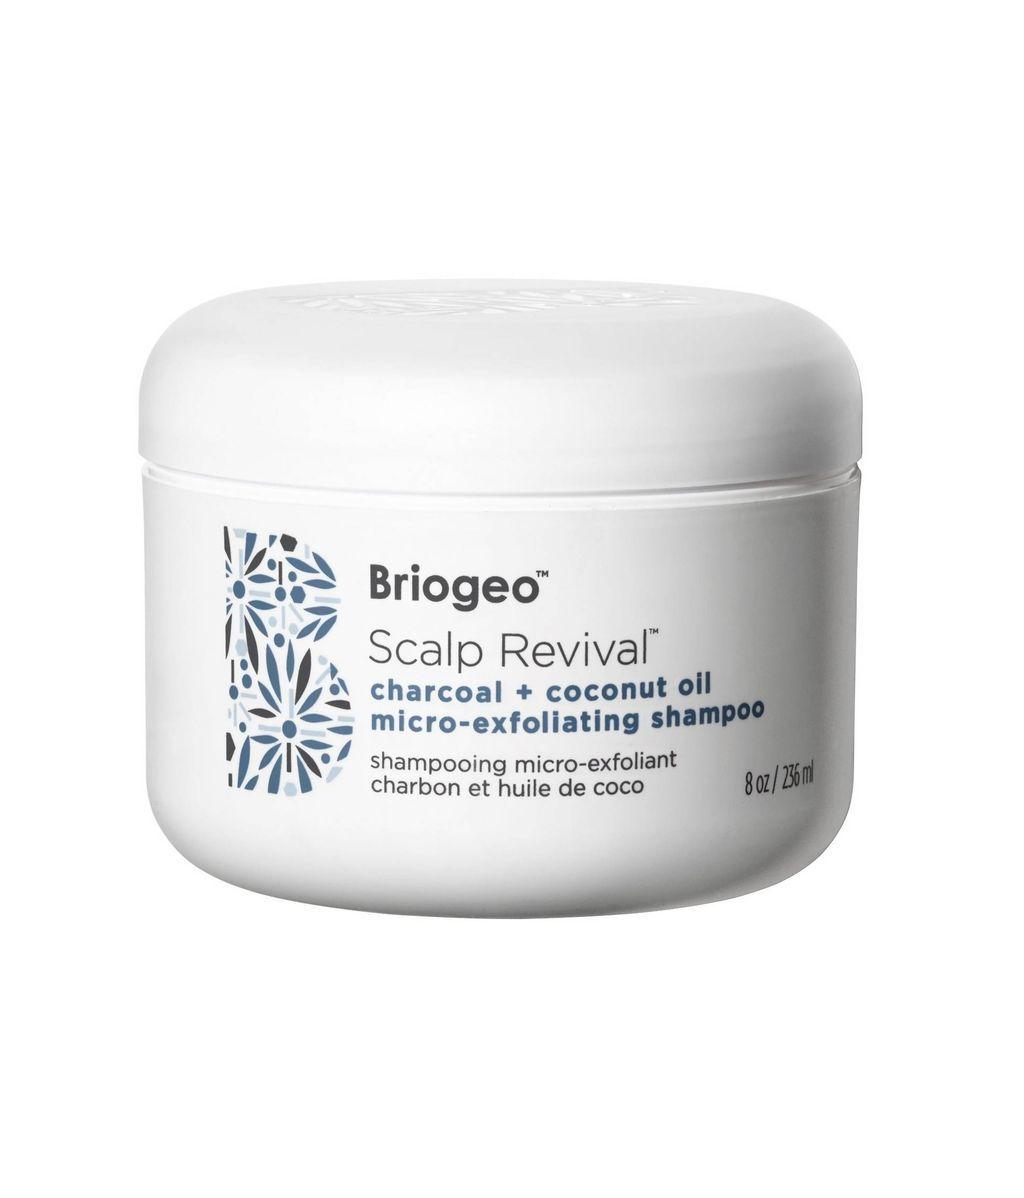 Briogeo Champú Exfoliante - 45,99€ (1)